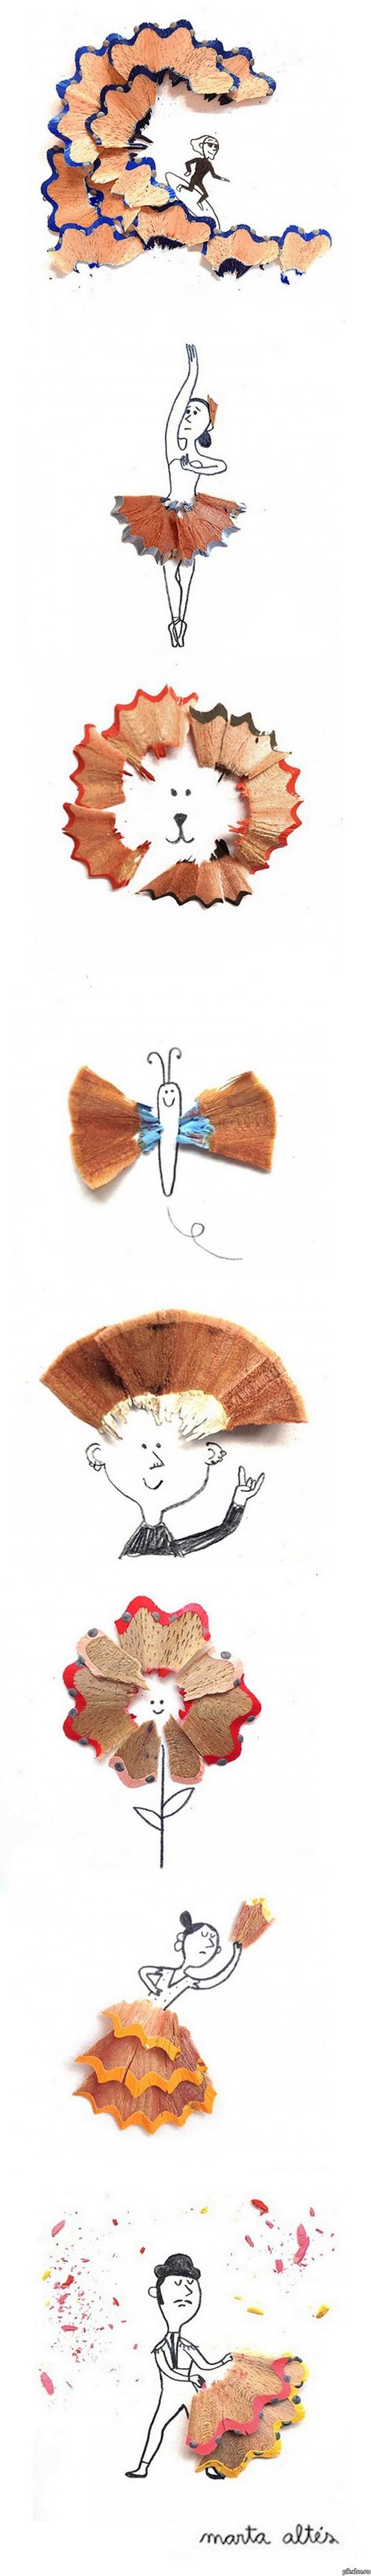 Превращения карандашной стружки от Марты Алтес. Длиннопост